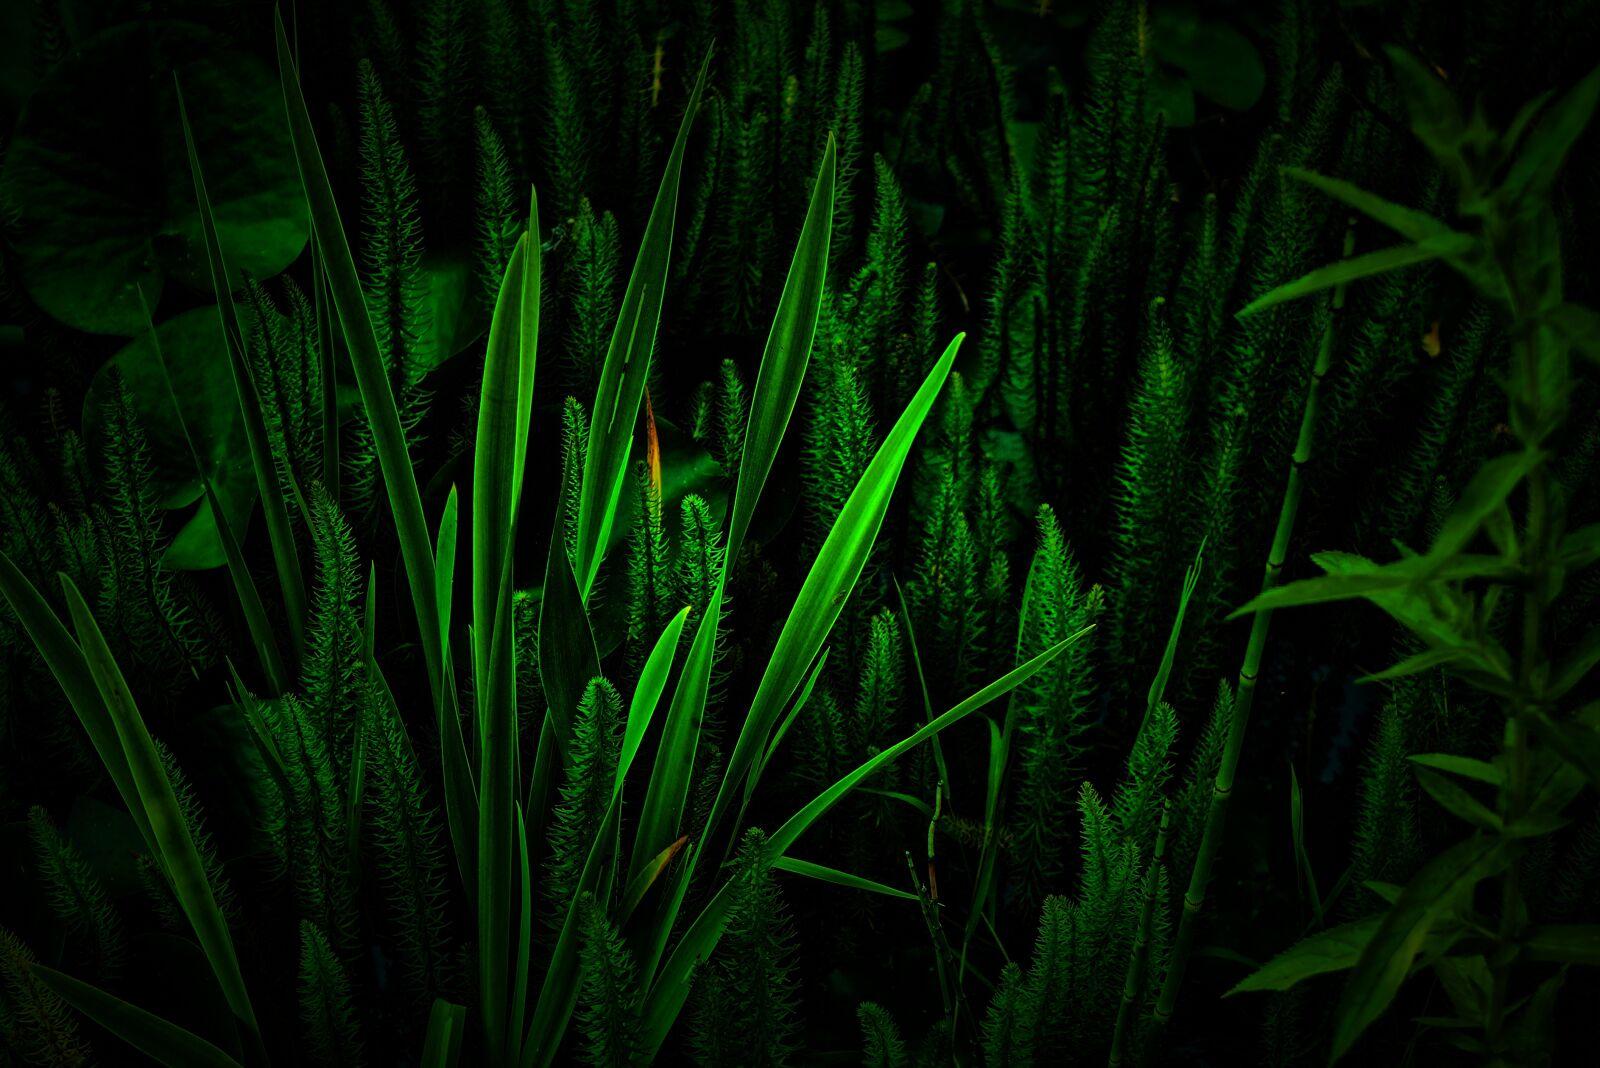 green, grass, nature